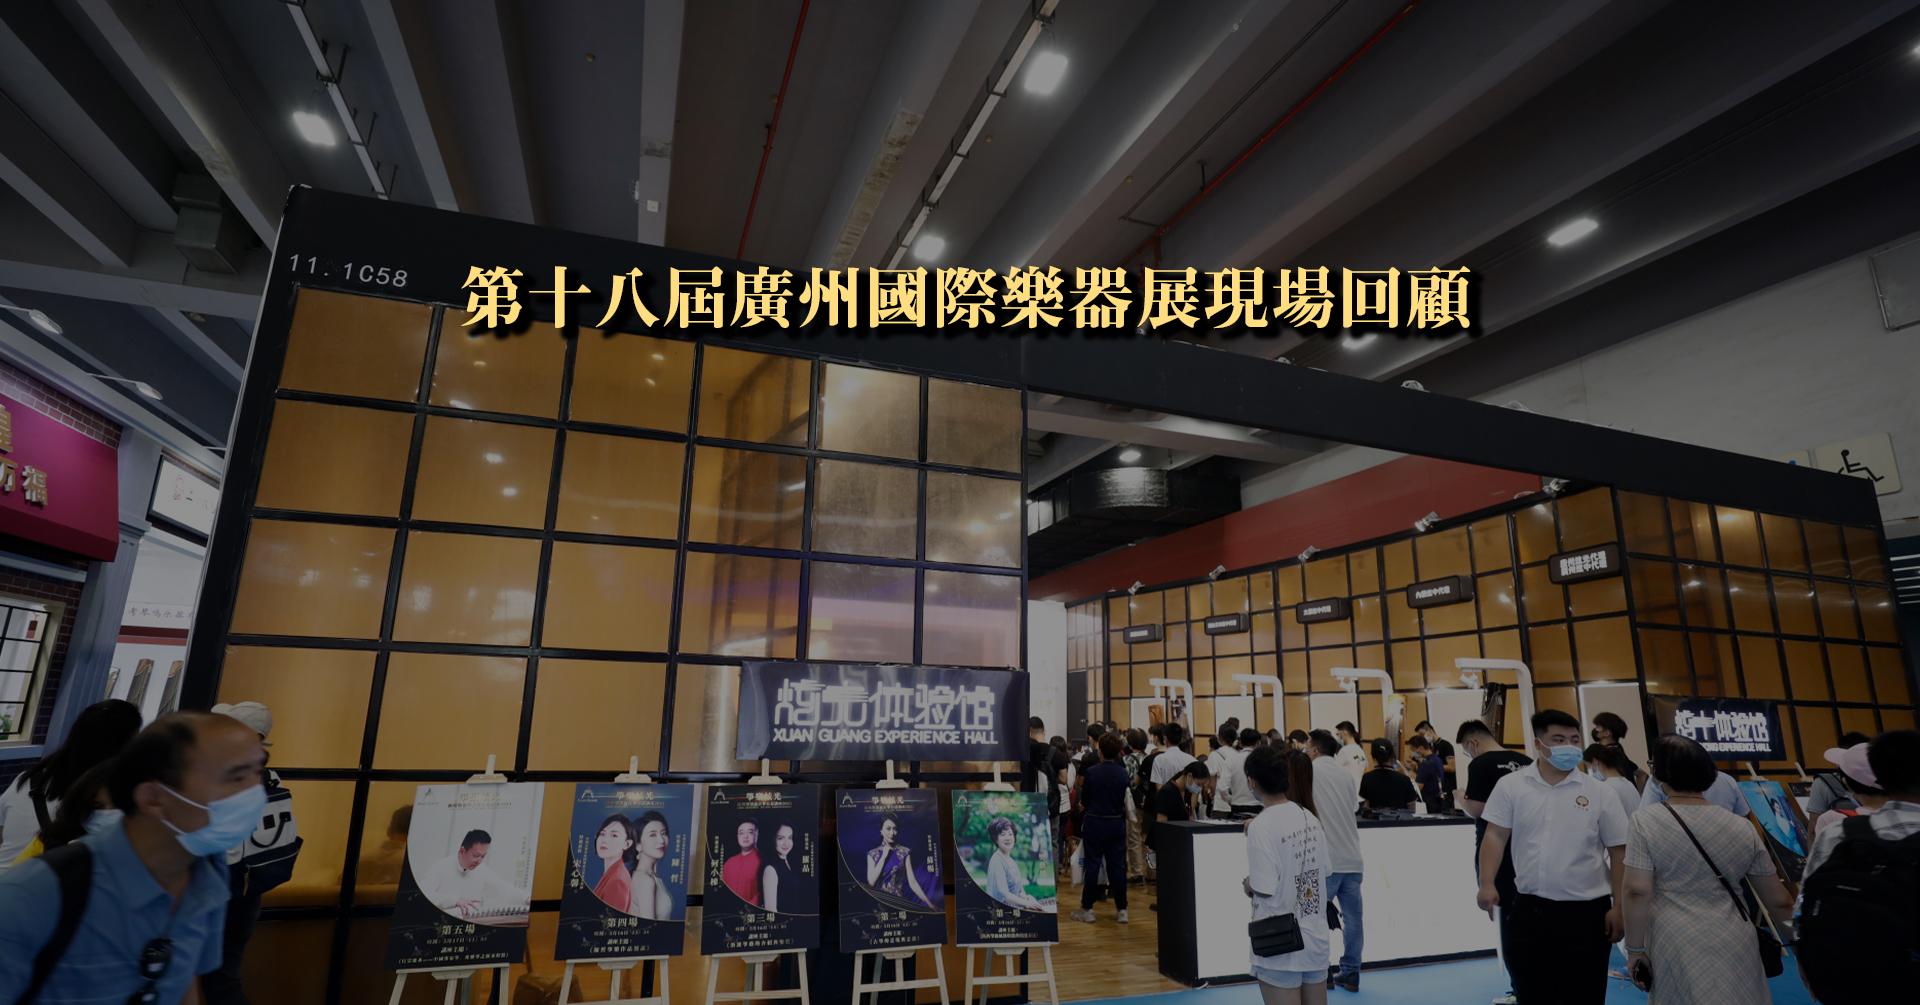 第十八屆廣州國際樂器展現場回顧